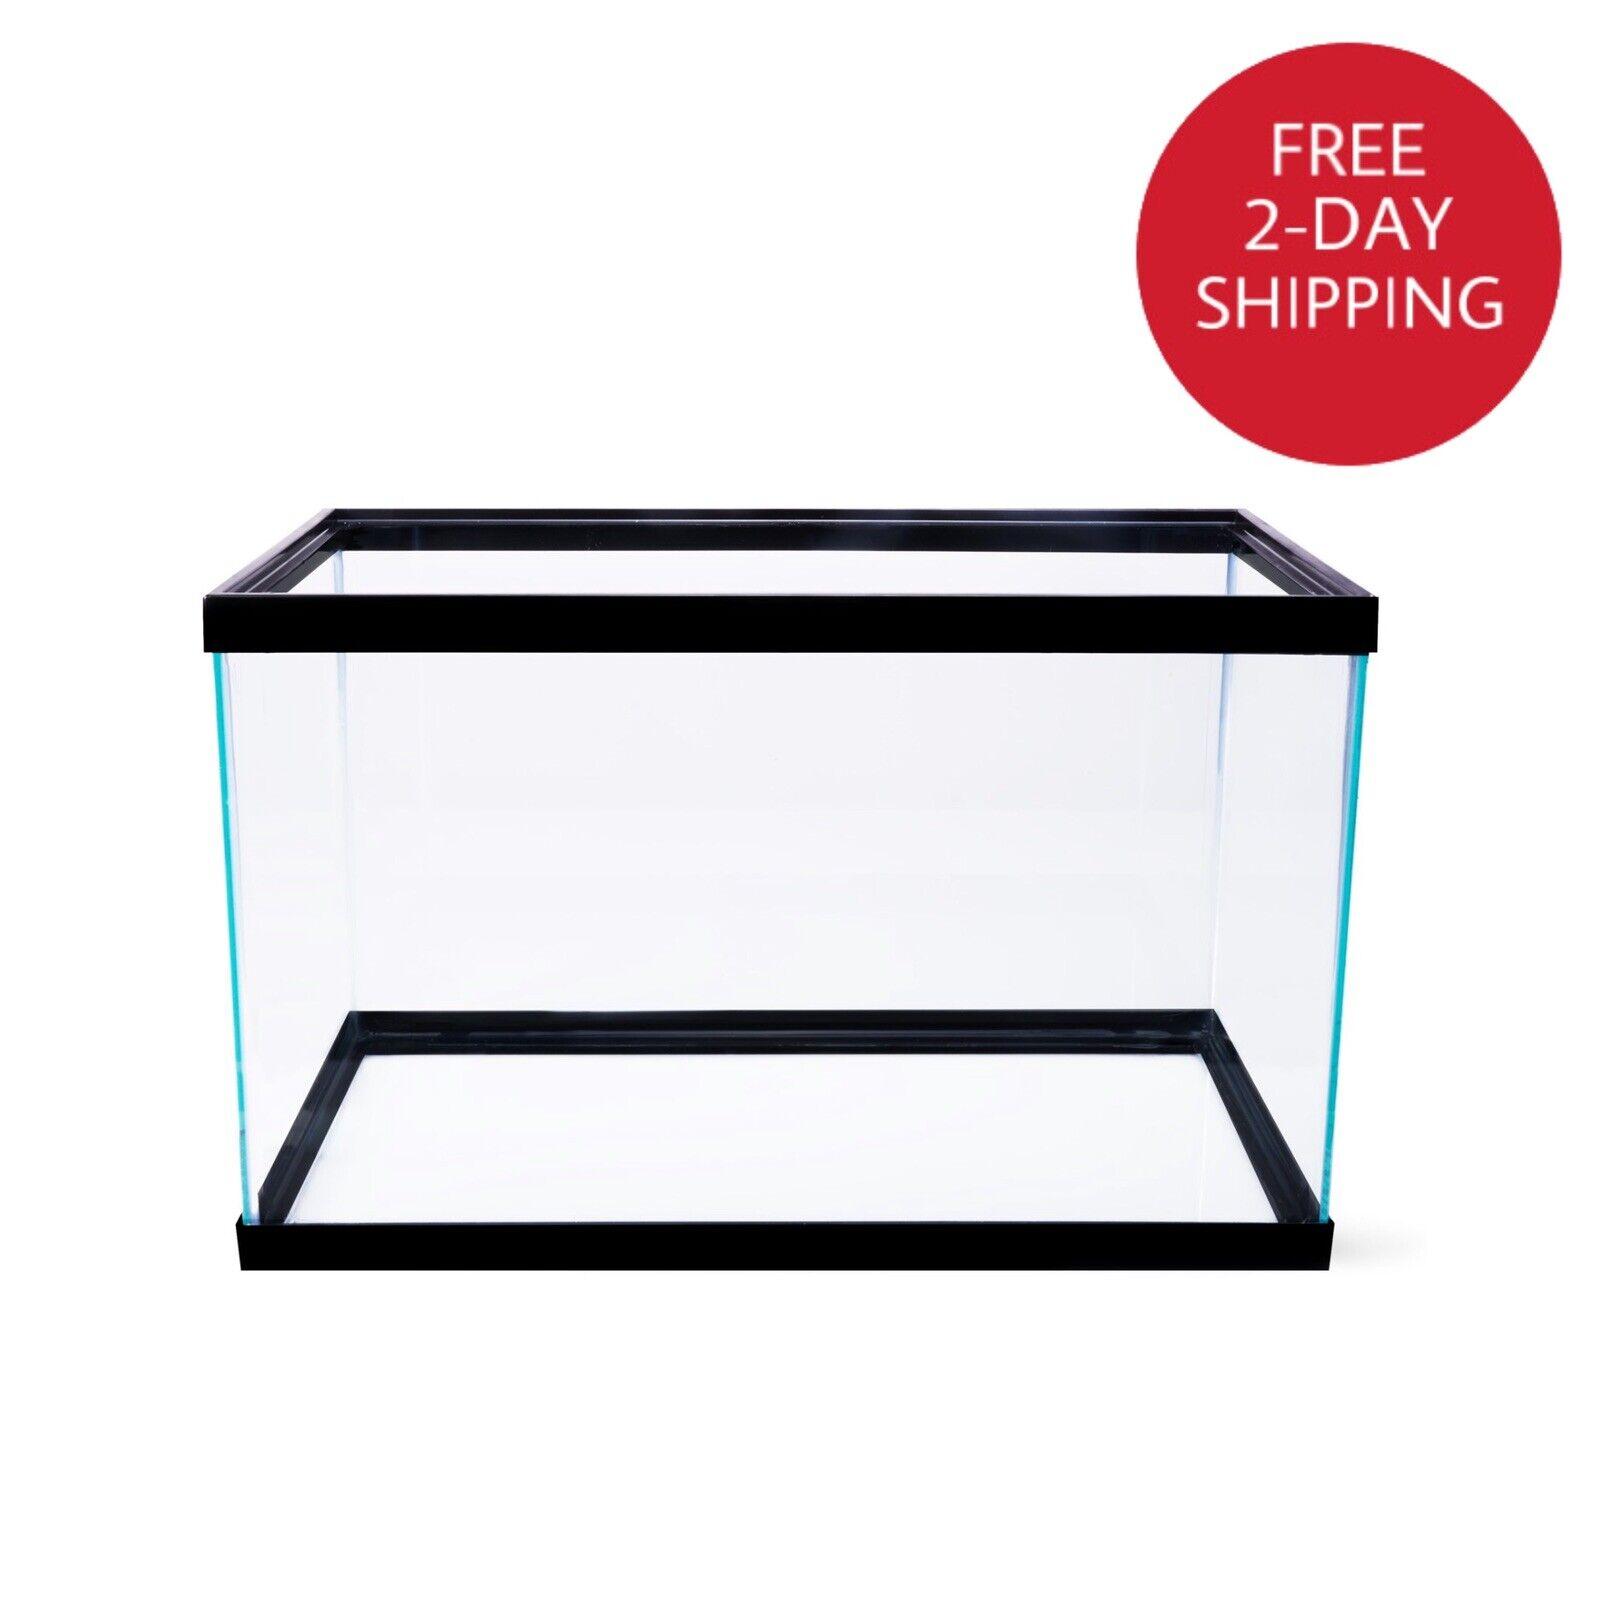 10 gallon aquarium fish tank clear glass terrarium fishes pet reptiles aqua home